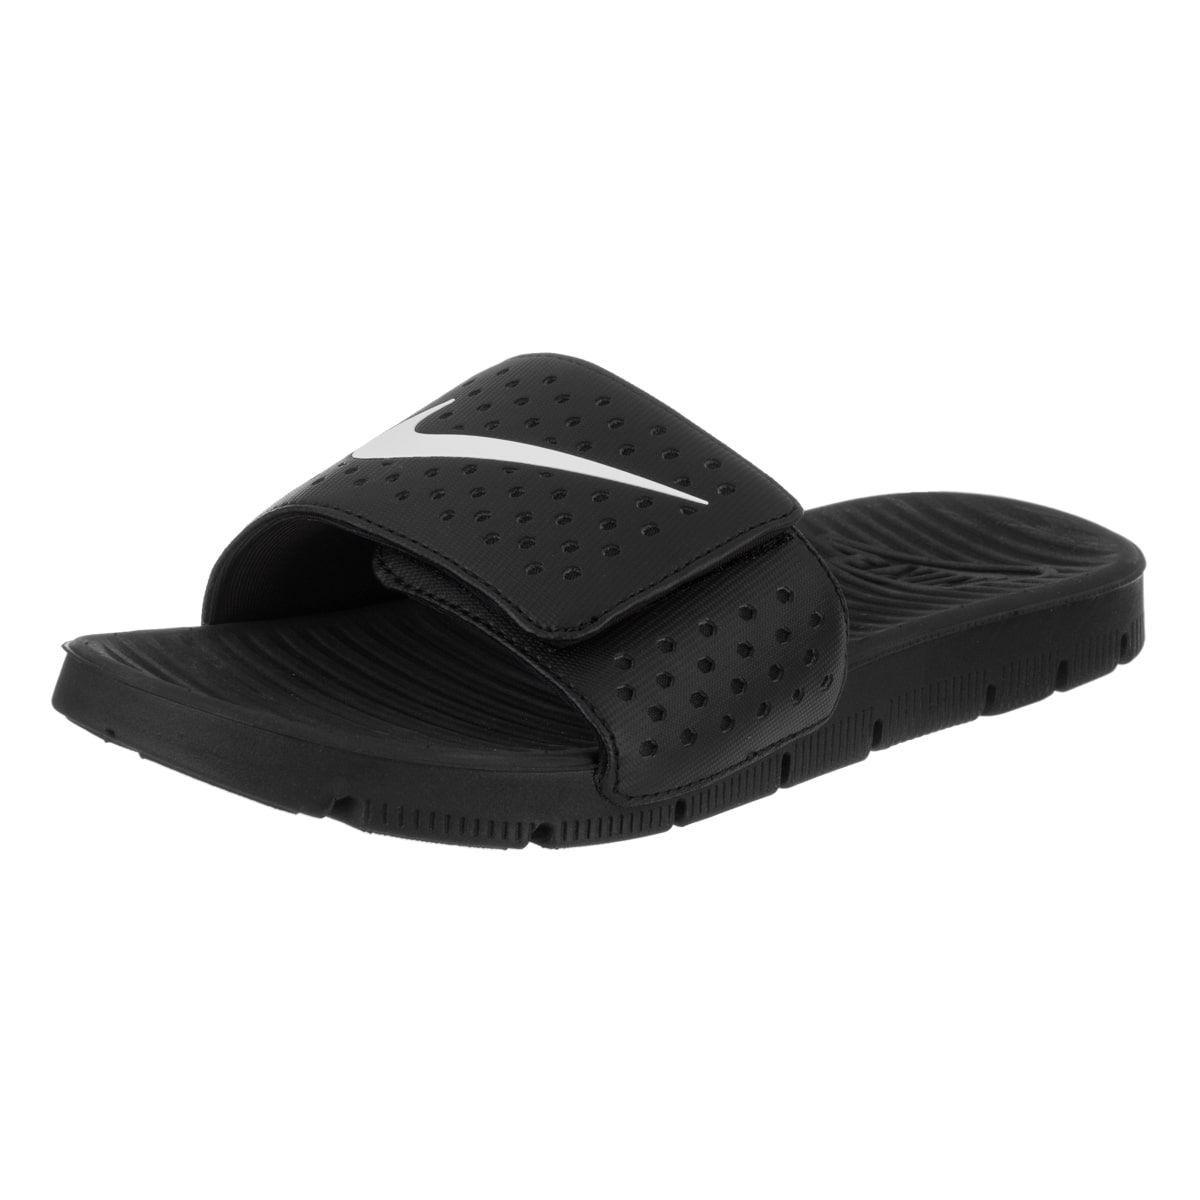 Nike Men's Flex Motion Slide Sandal